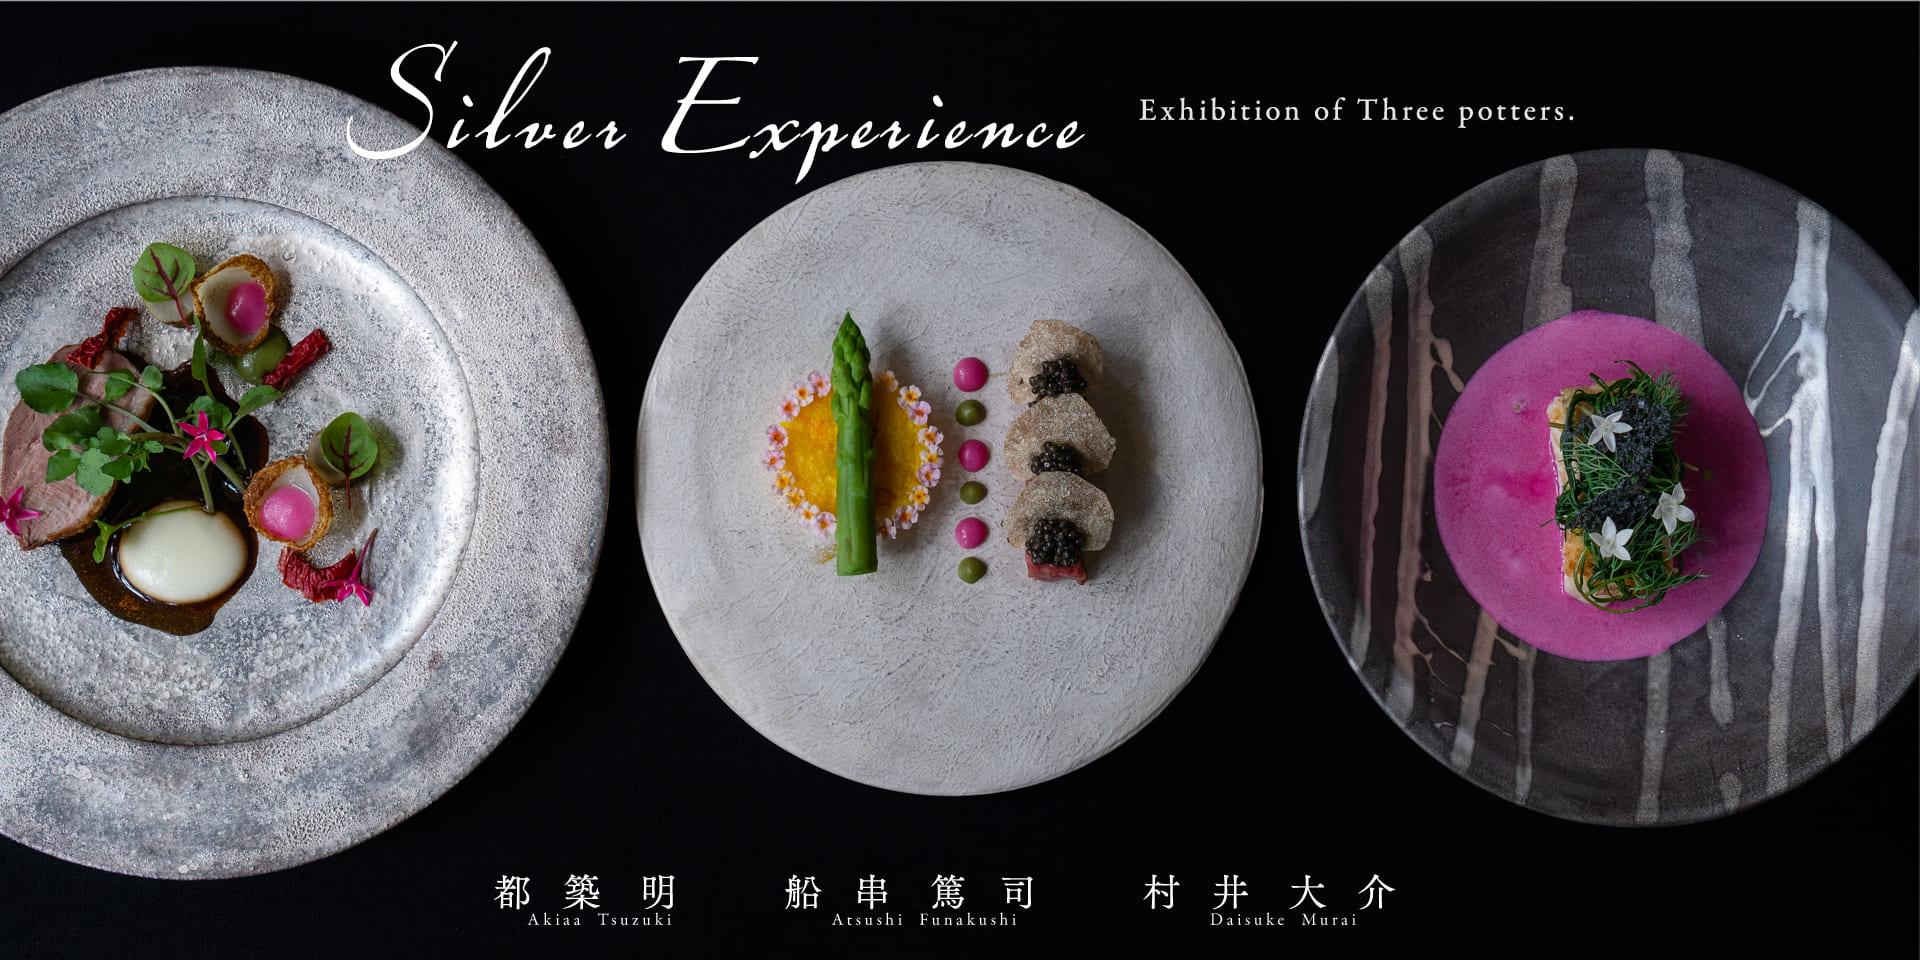 都築明・舟串篤司・村井大介 3人展『Silver Experience』